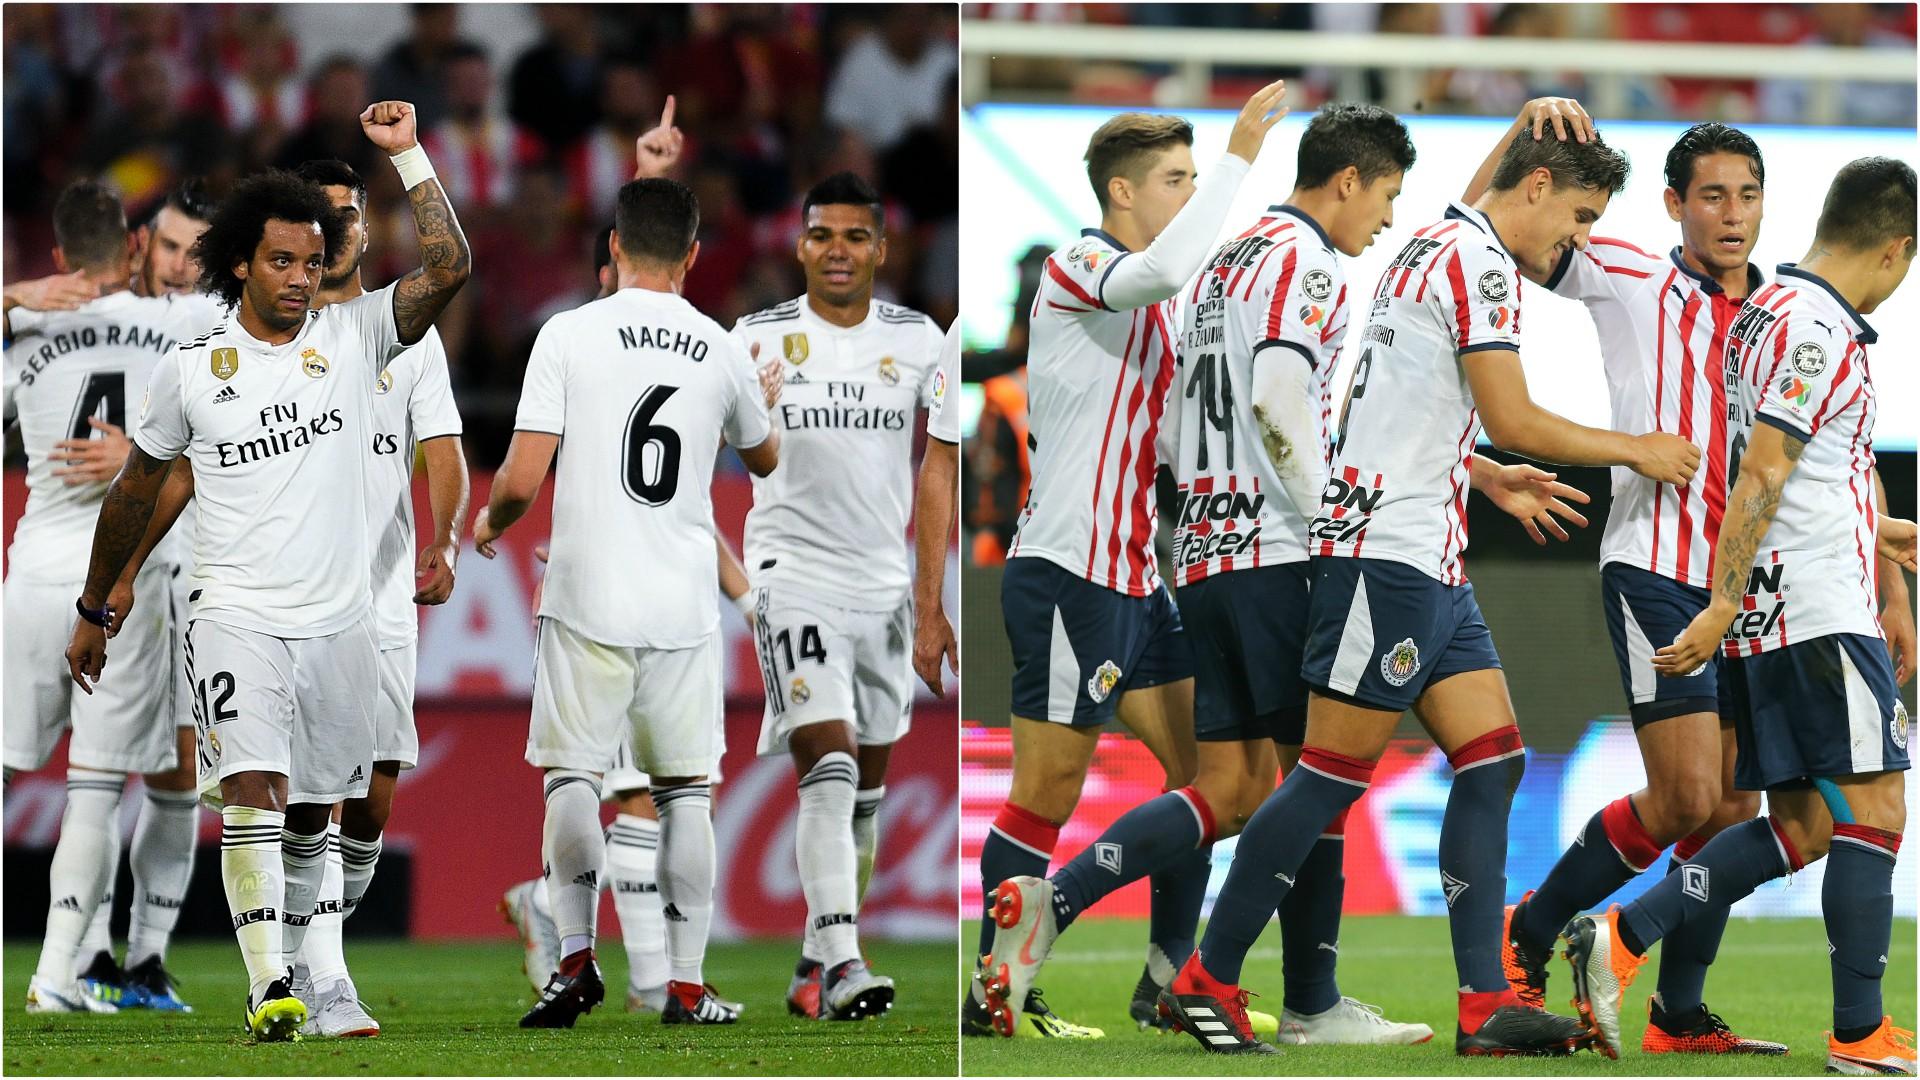 Resultado de imagen para Chivas vs real madrid